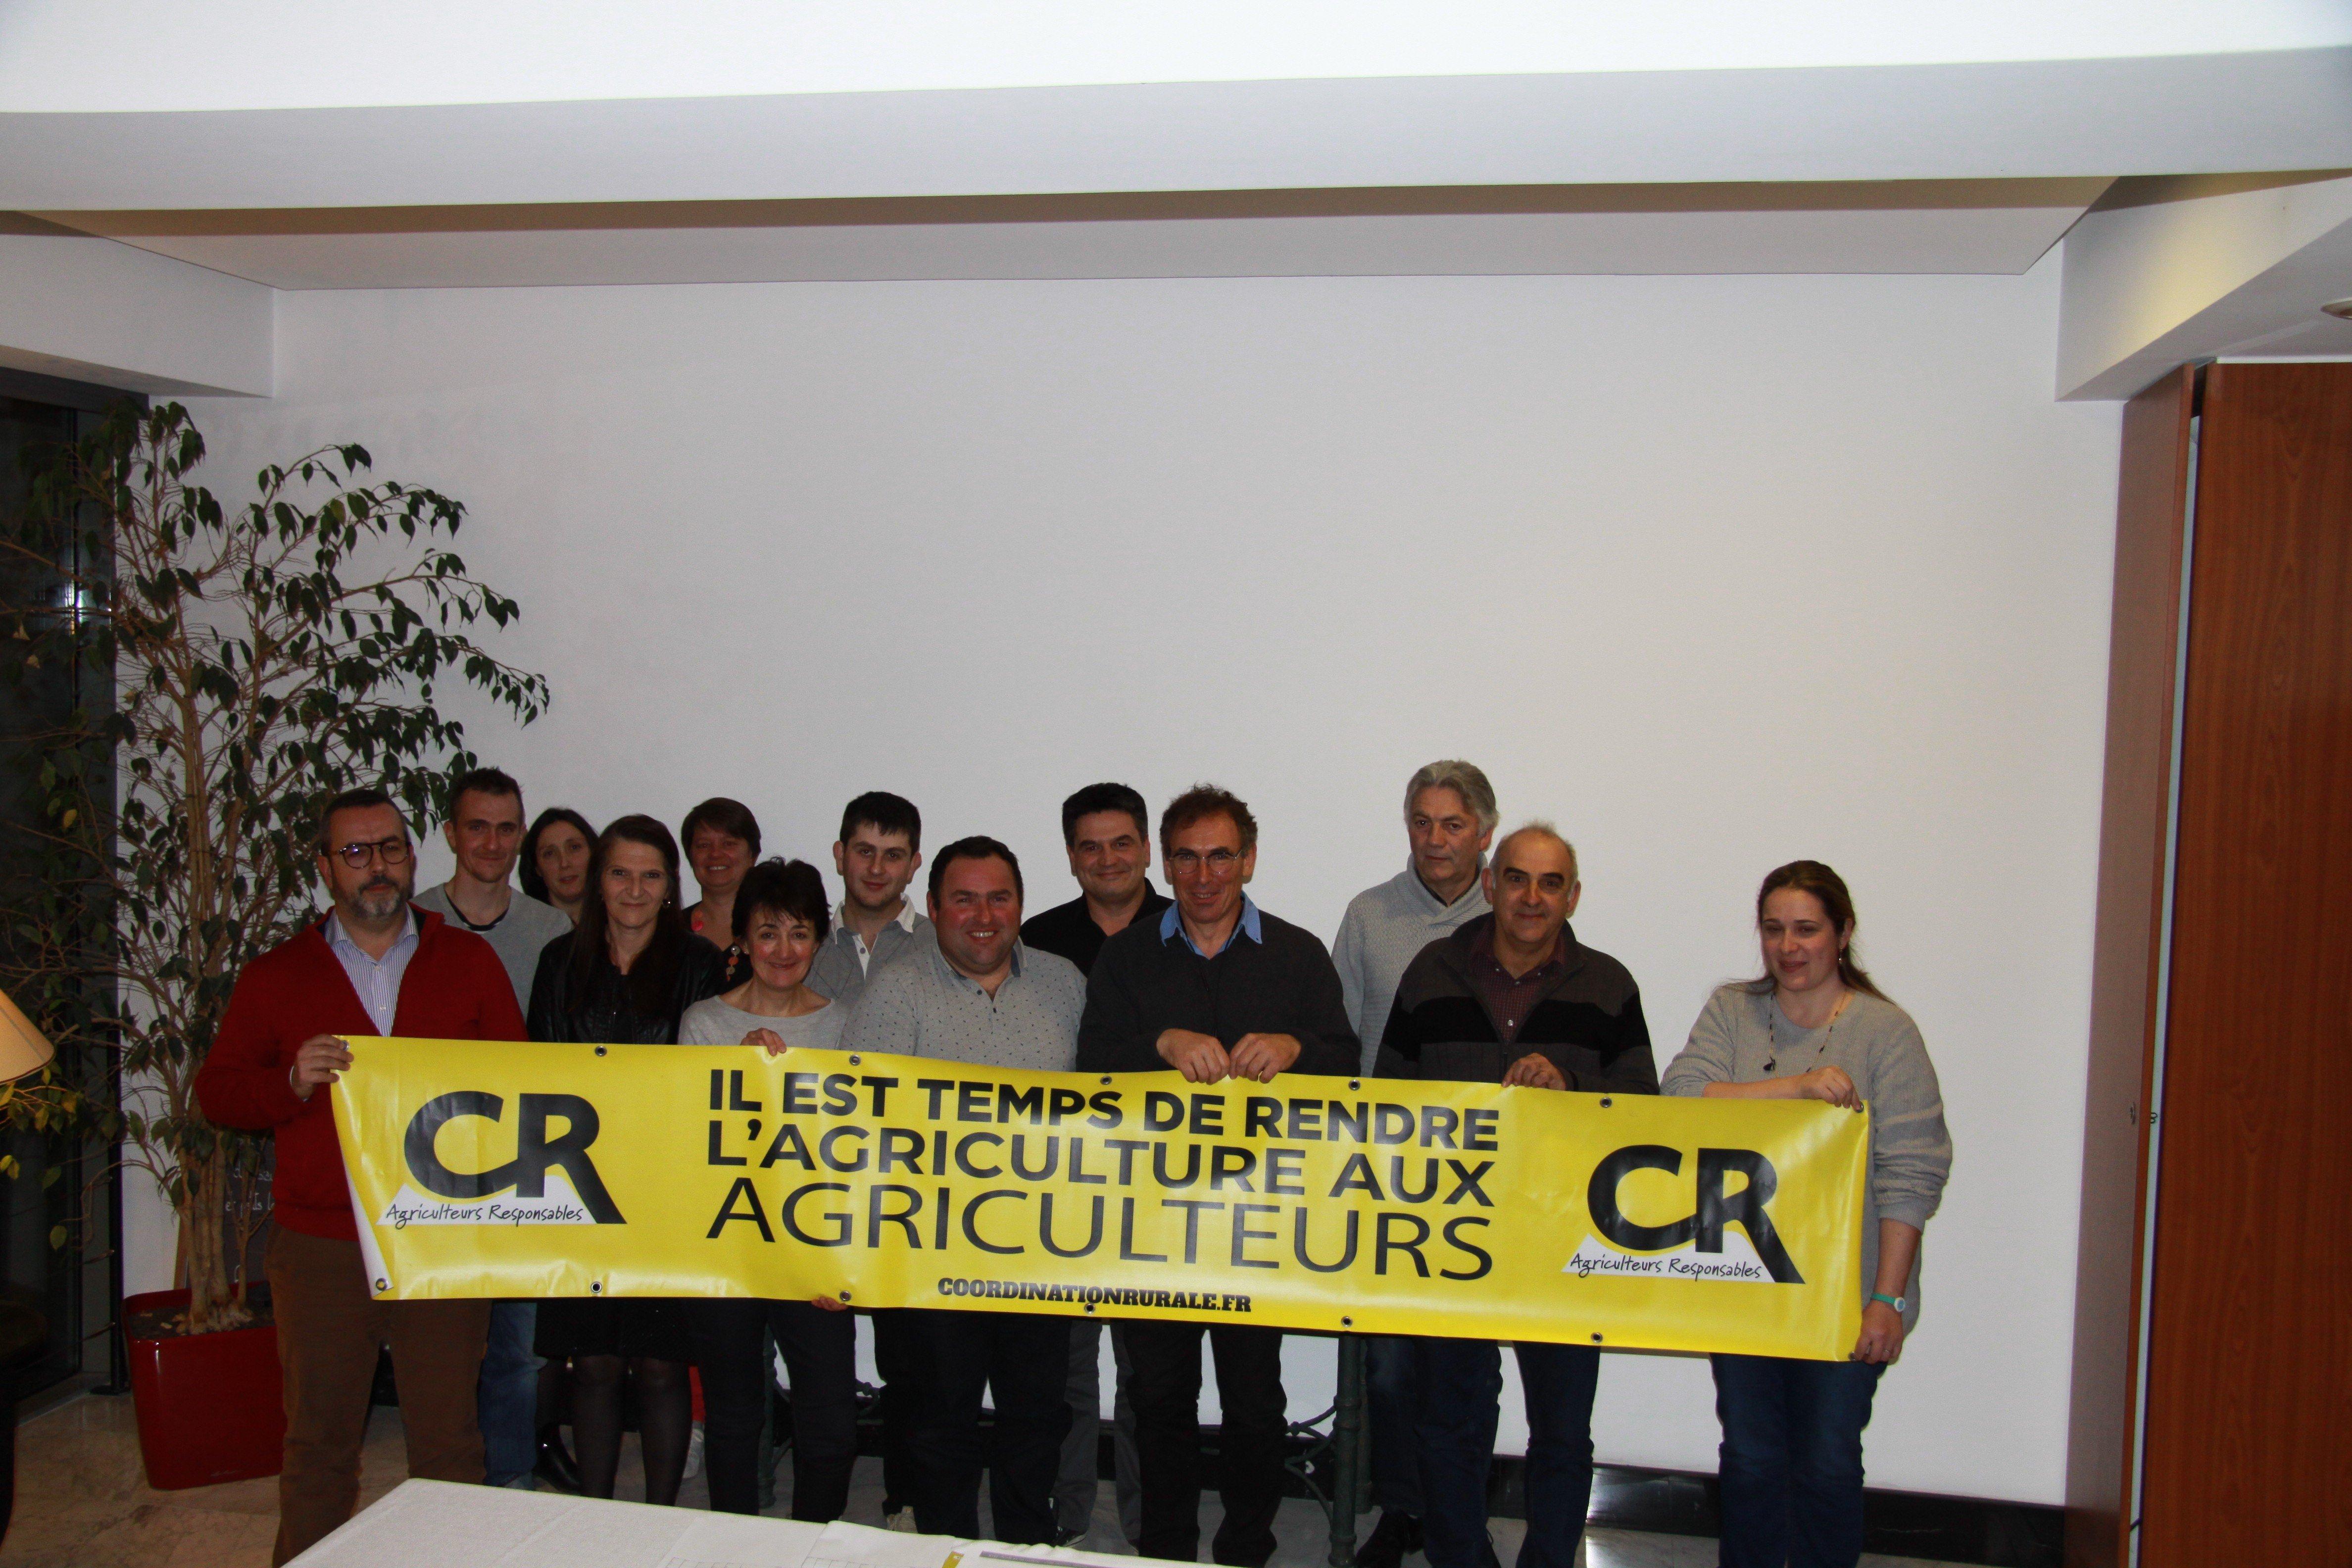 cr24 photo de groupe